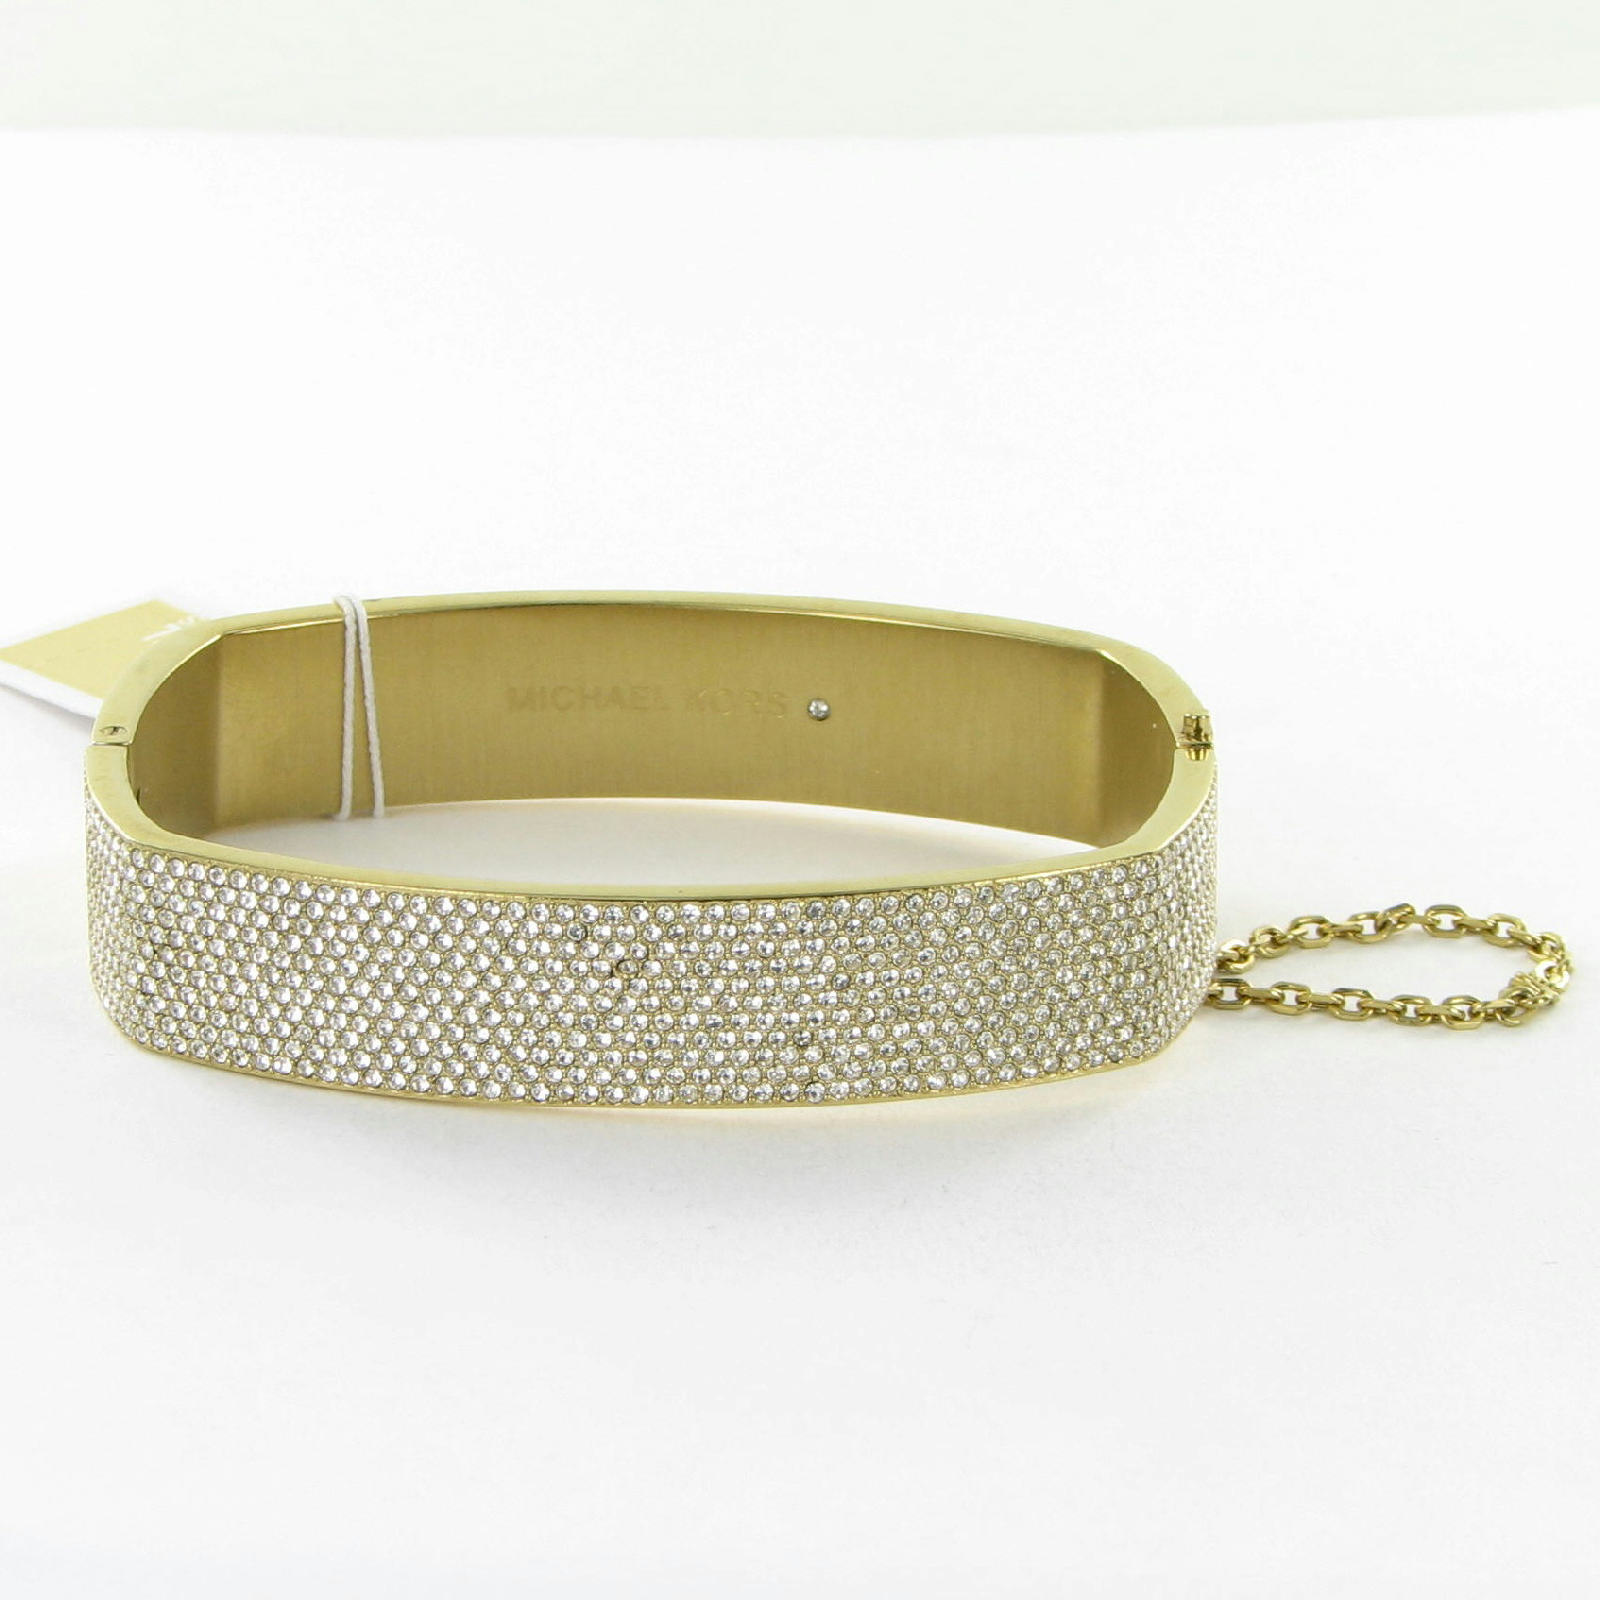 michael kors bracelet brilliance statement pave crystal. Black Bedroom Furniture Sets. Home Design Ideas